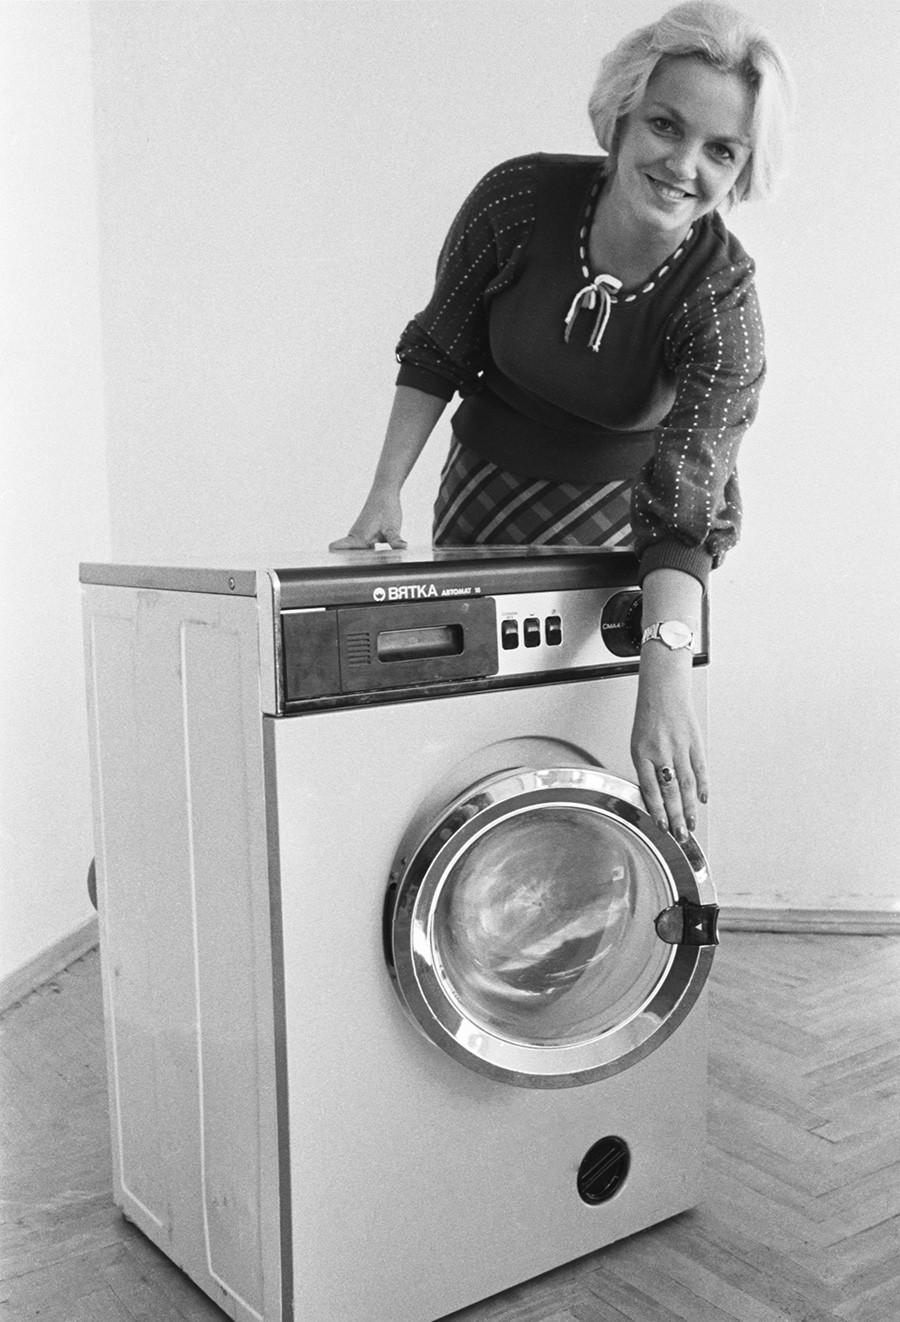 Vyatka-Avtomat washing machine, 1978.